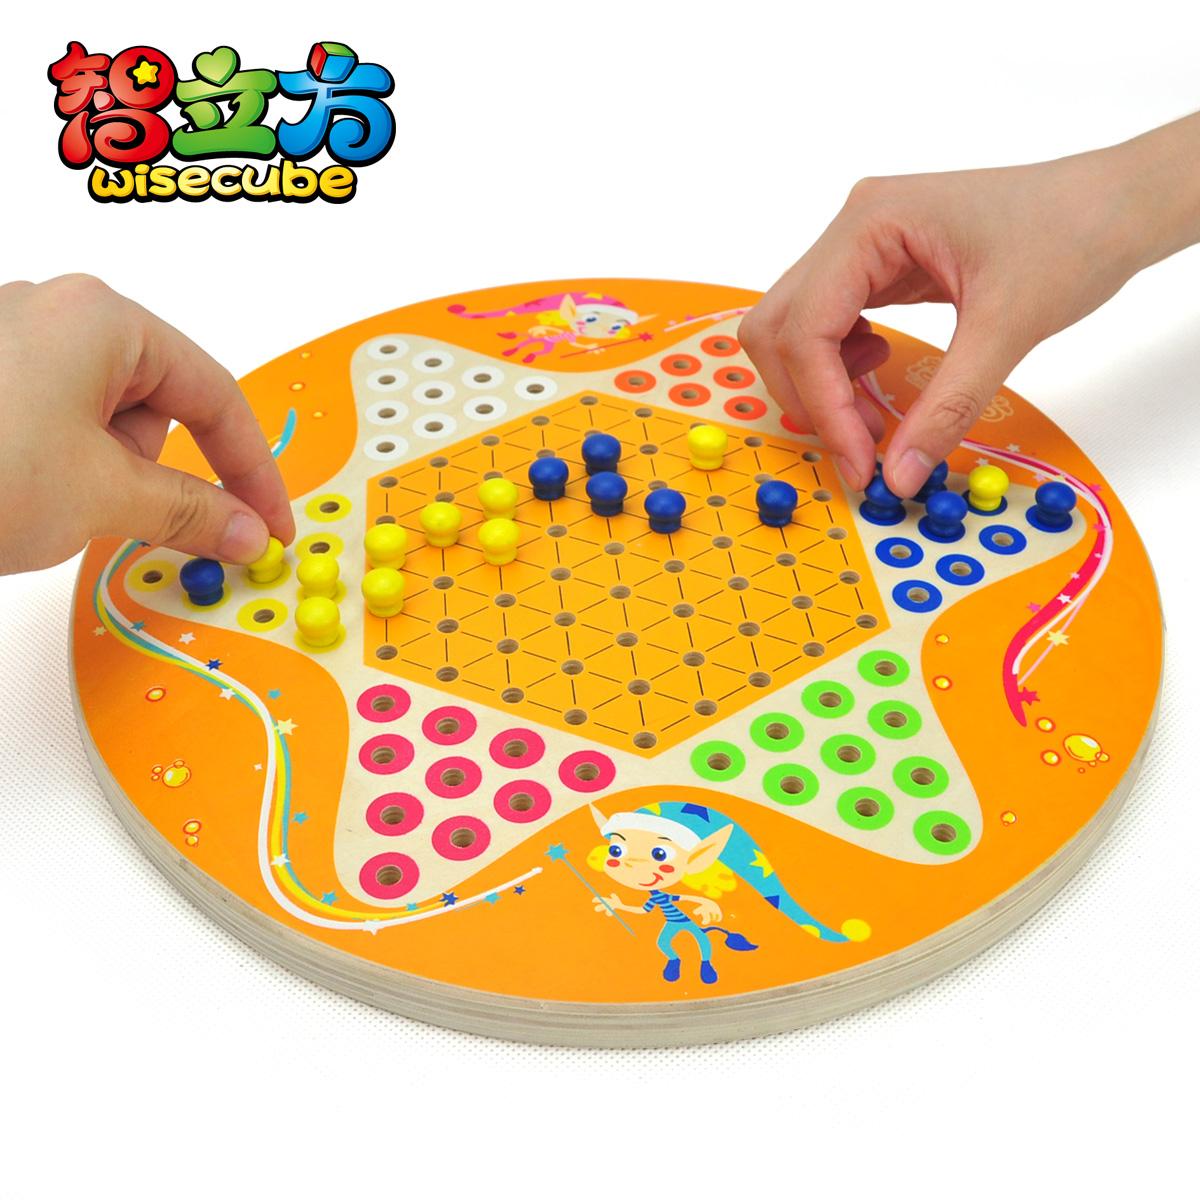 智立方 小精灵跳棋 木制大号圆盘六角跳棋 儿童益智玩具图片